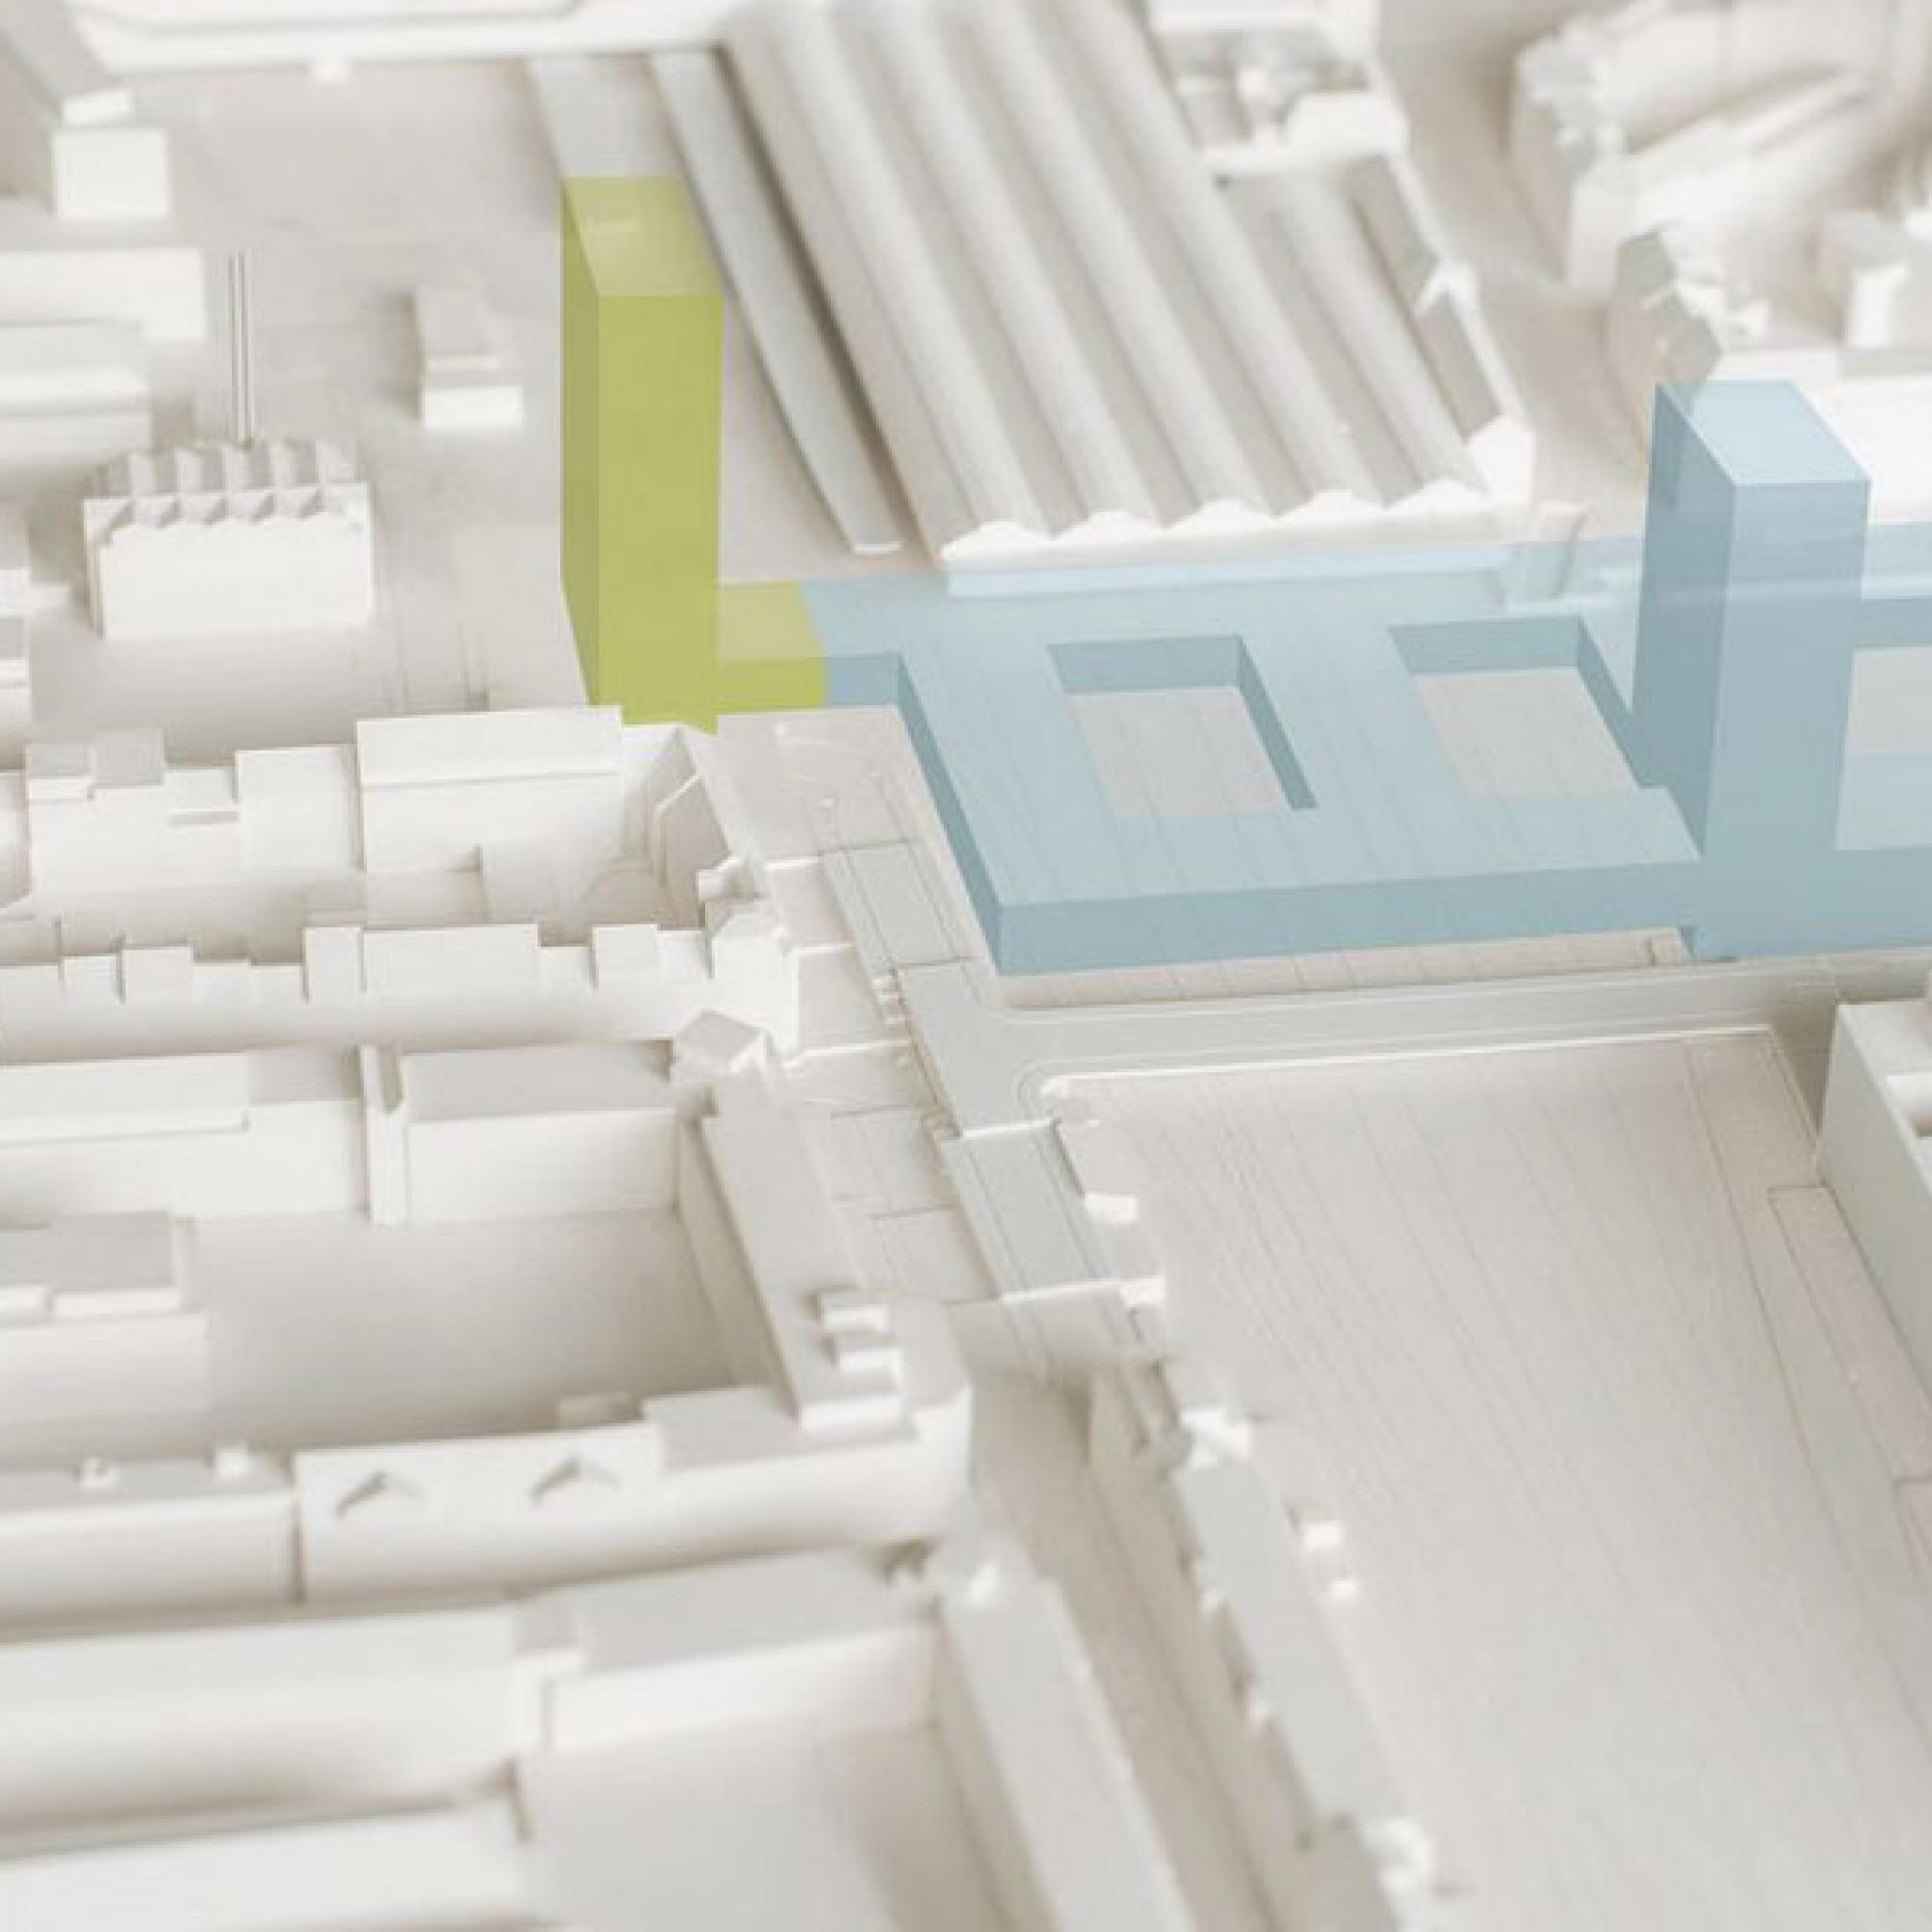 Visualisierung der neuen Überbauung mit drei Hochhäusern